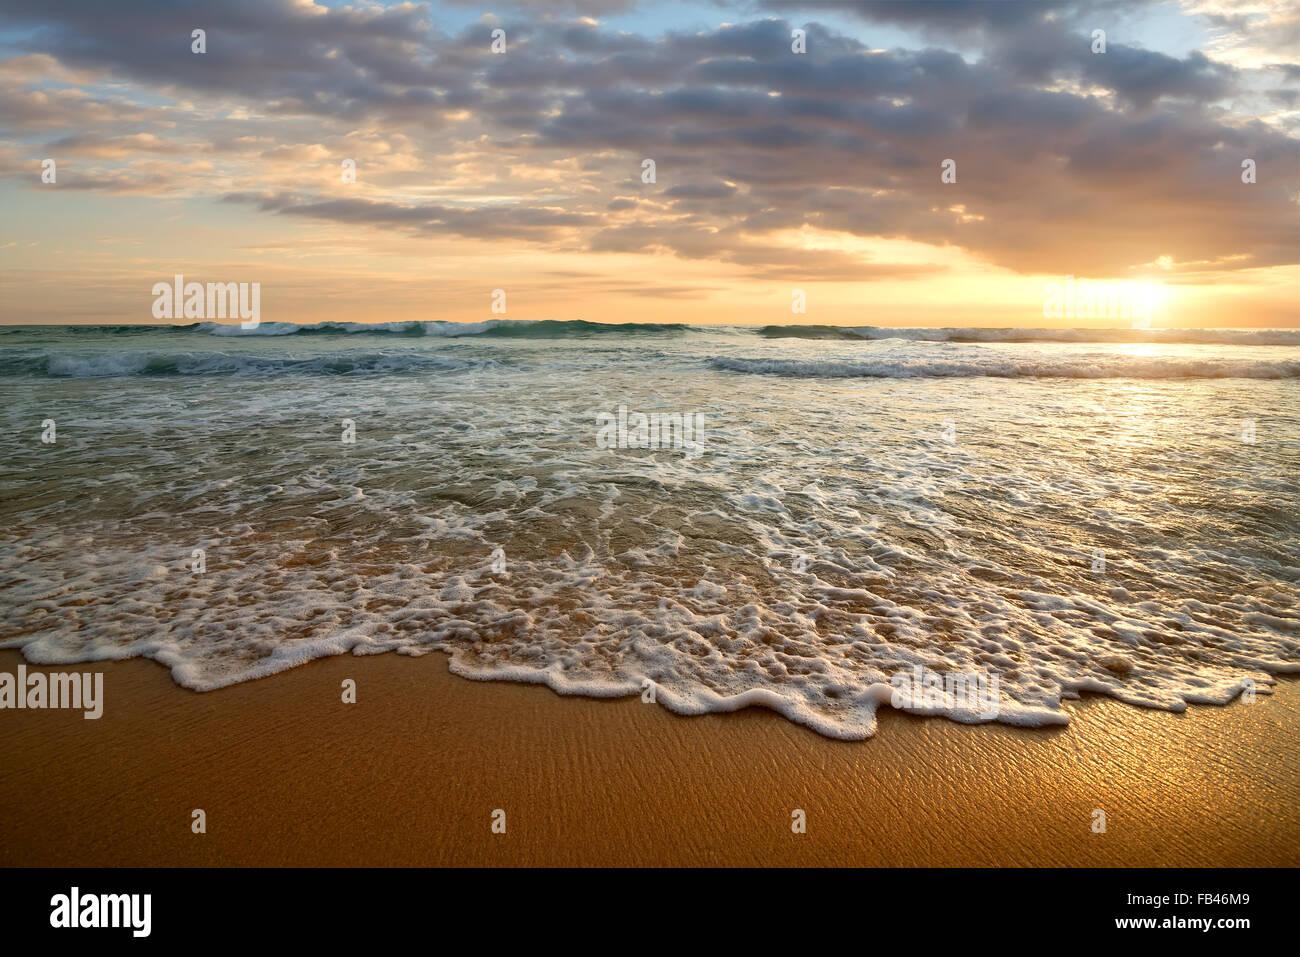 Coucher de soleil nuageux lumineux dans l'océan calme Photo Stock